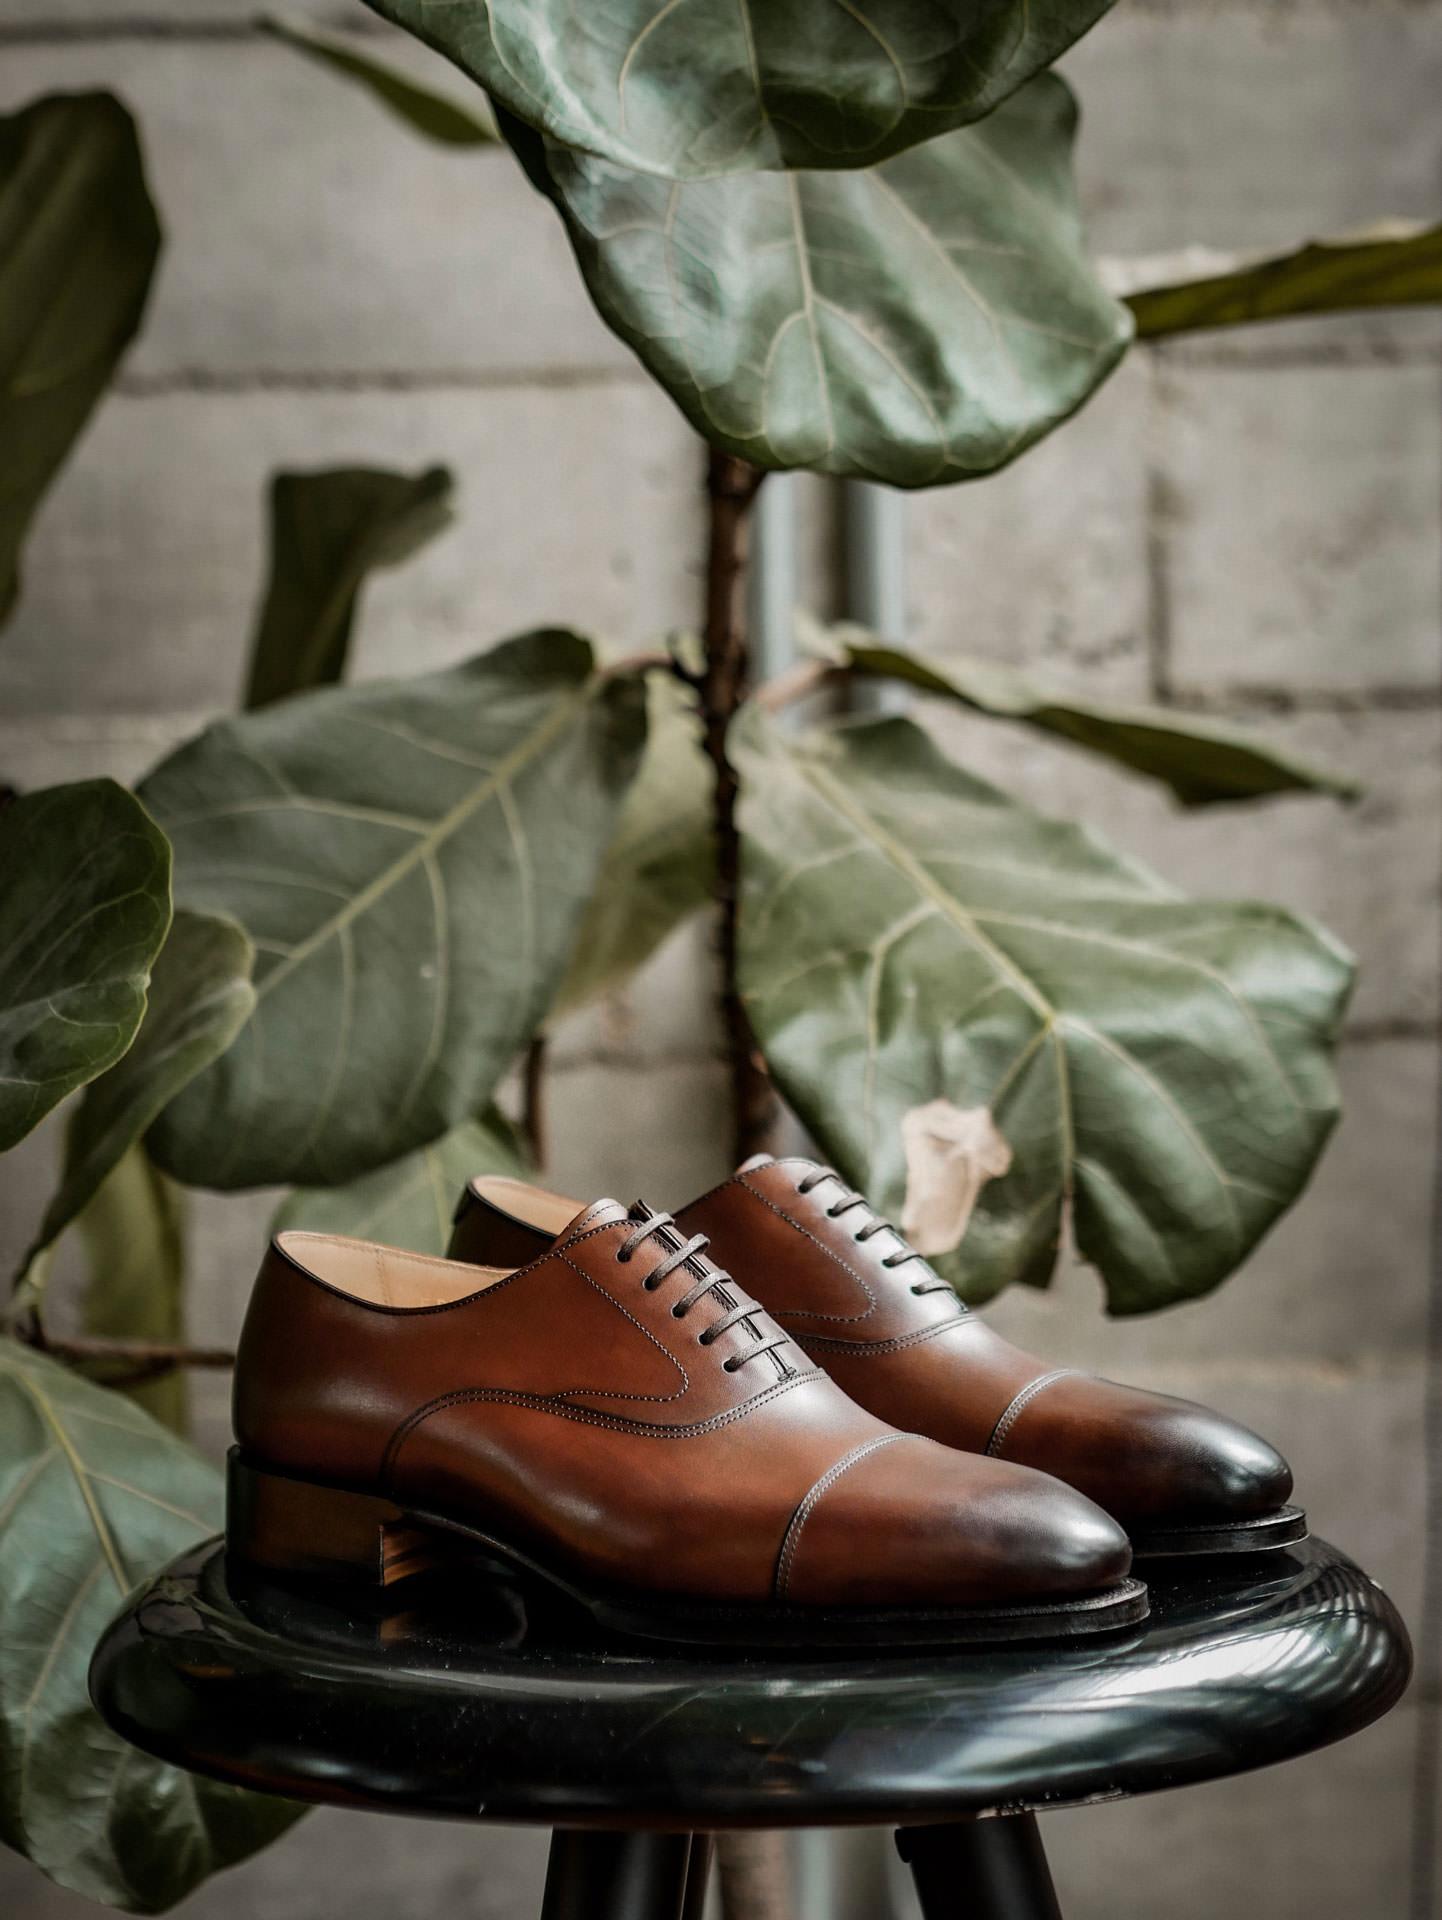 รองเท้าหนัง oxford สีน้ำตาล จาก Fugashin